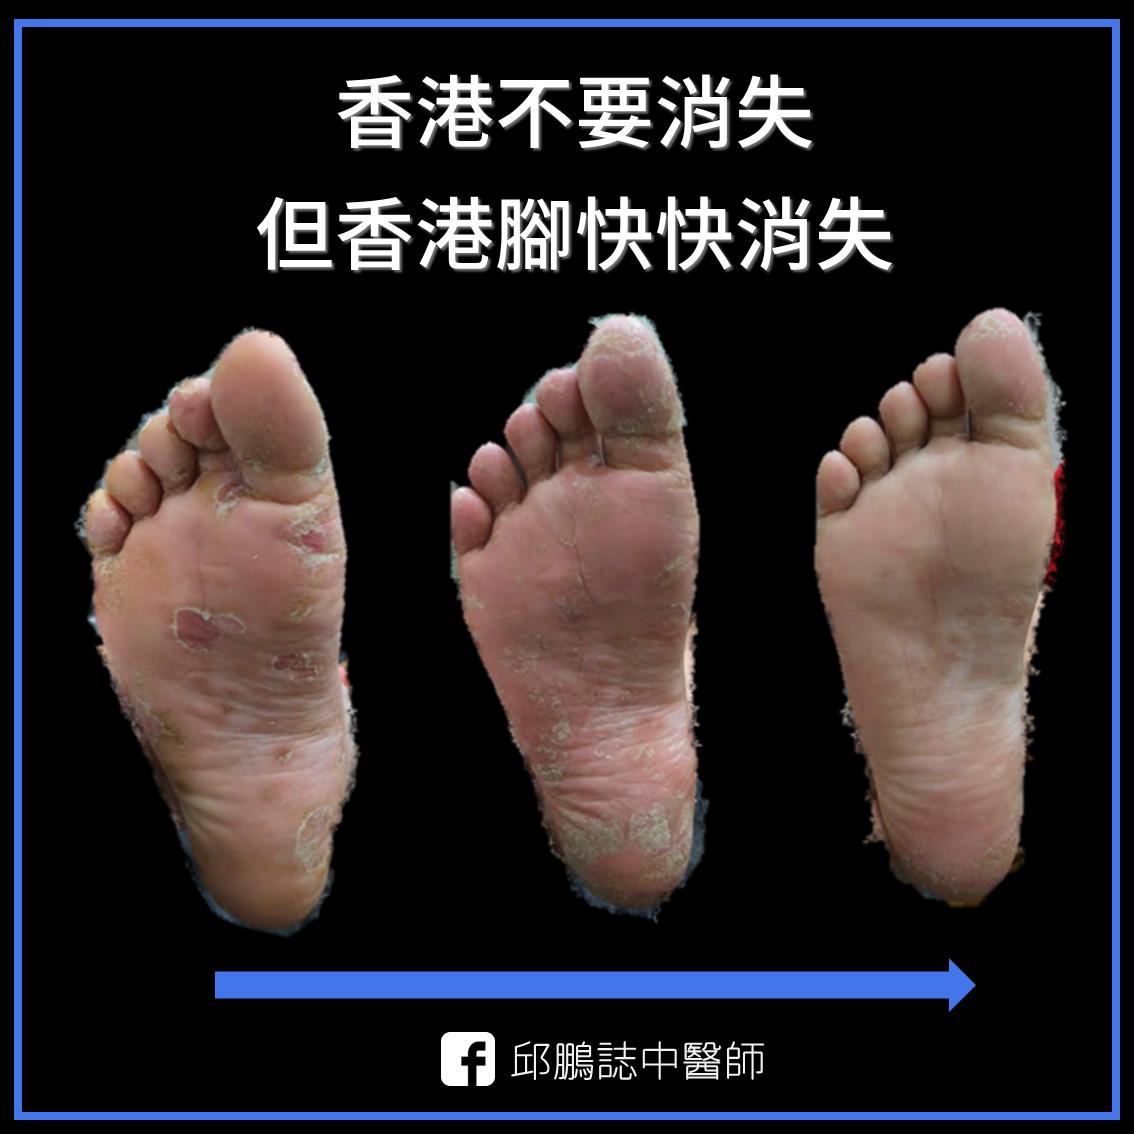 邱鵬誌 中醫師: 【案例】從腳底開始失控的香港腳